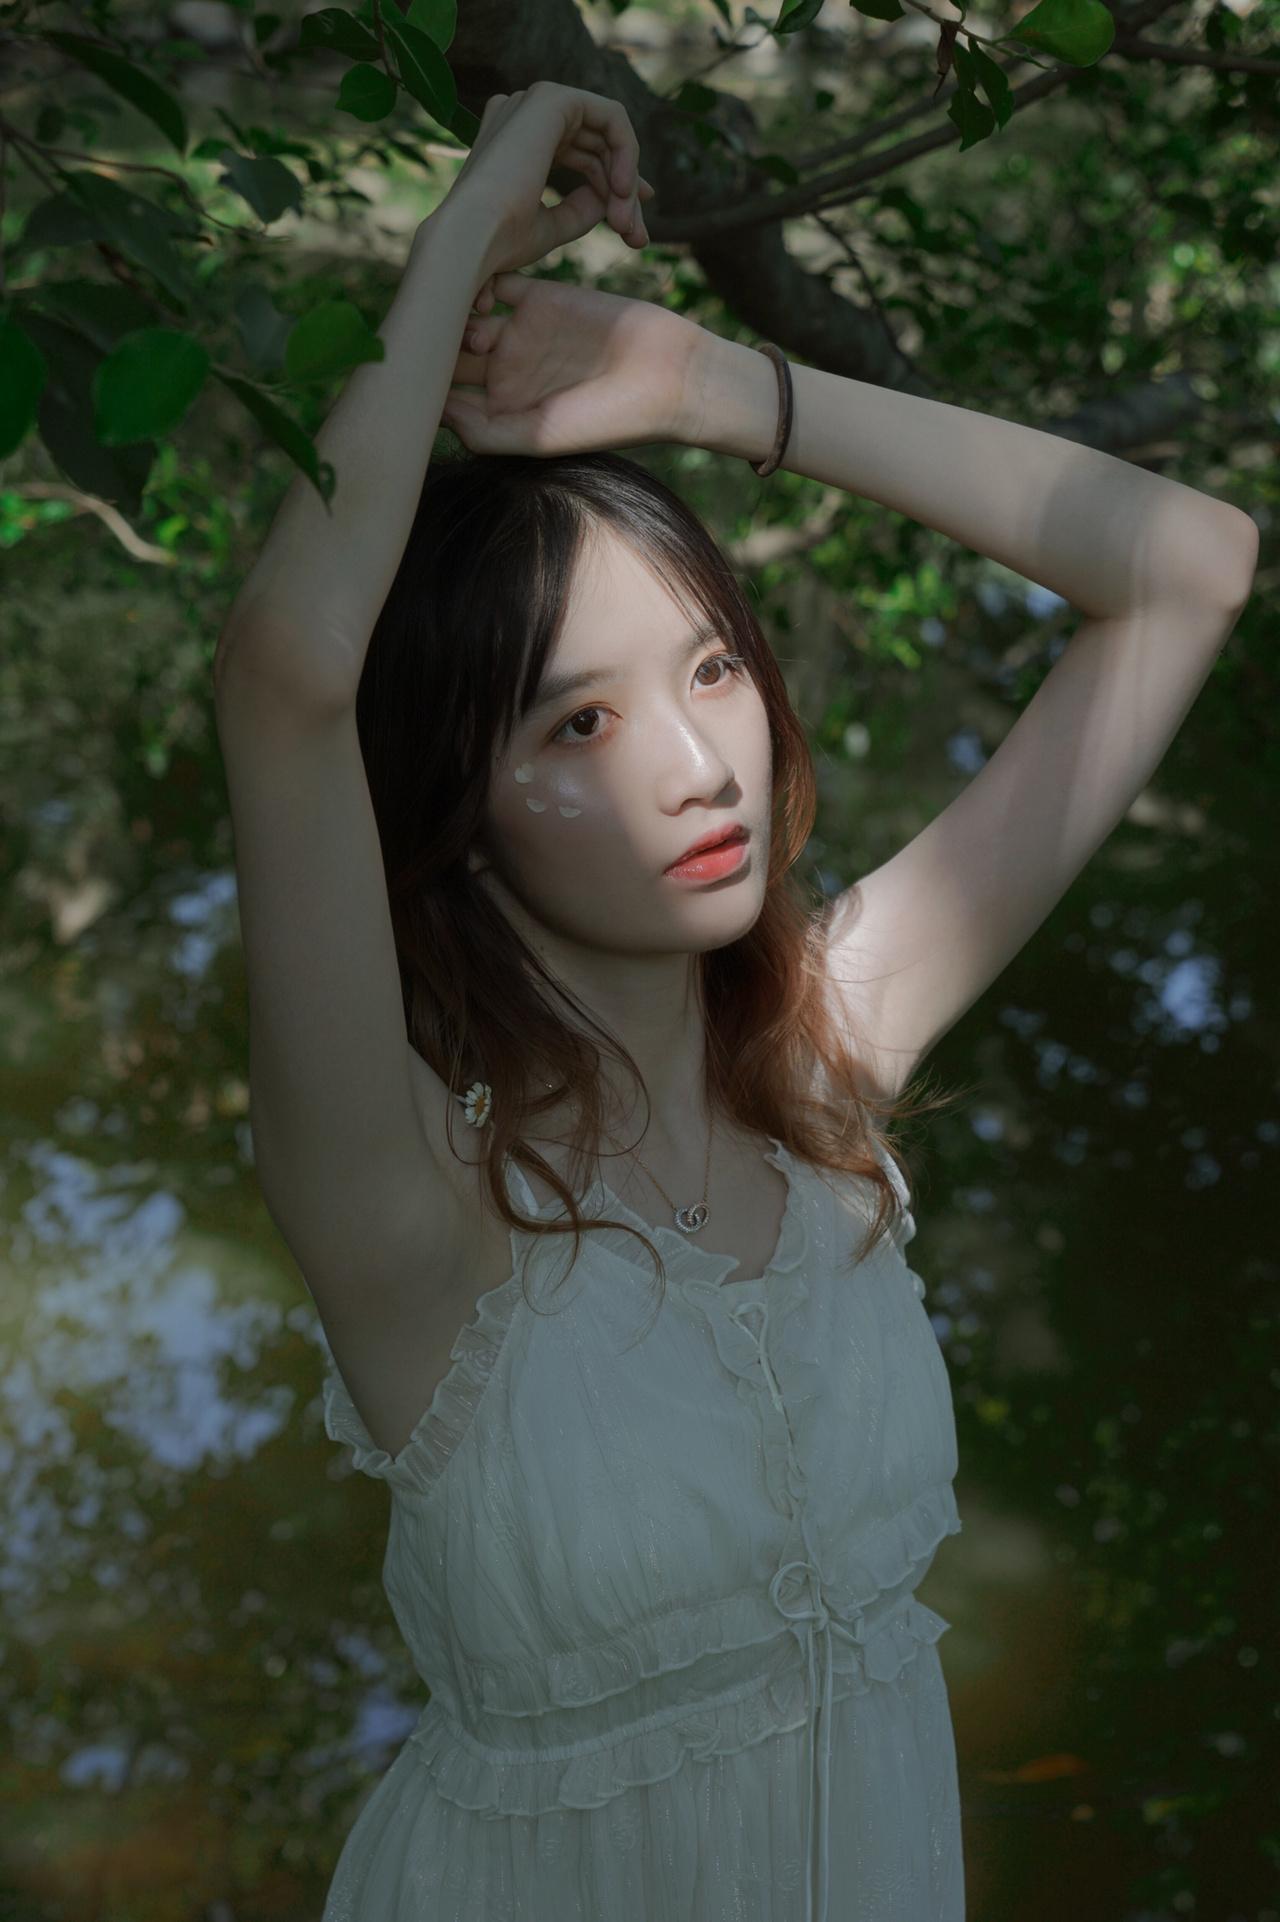 《森林》丨小清新  闭眼 聆听 鸟鸣 微风 夕阳  摄影 本人 出镜 黄颖雯 地点 植物园